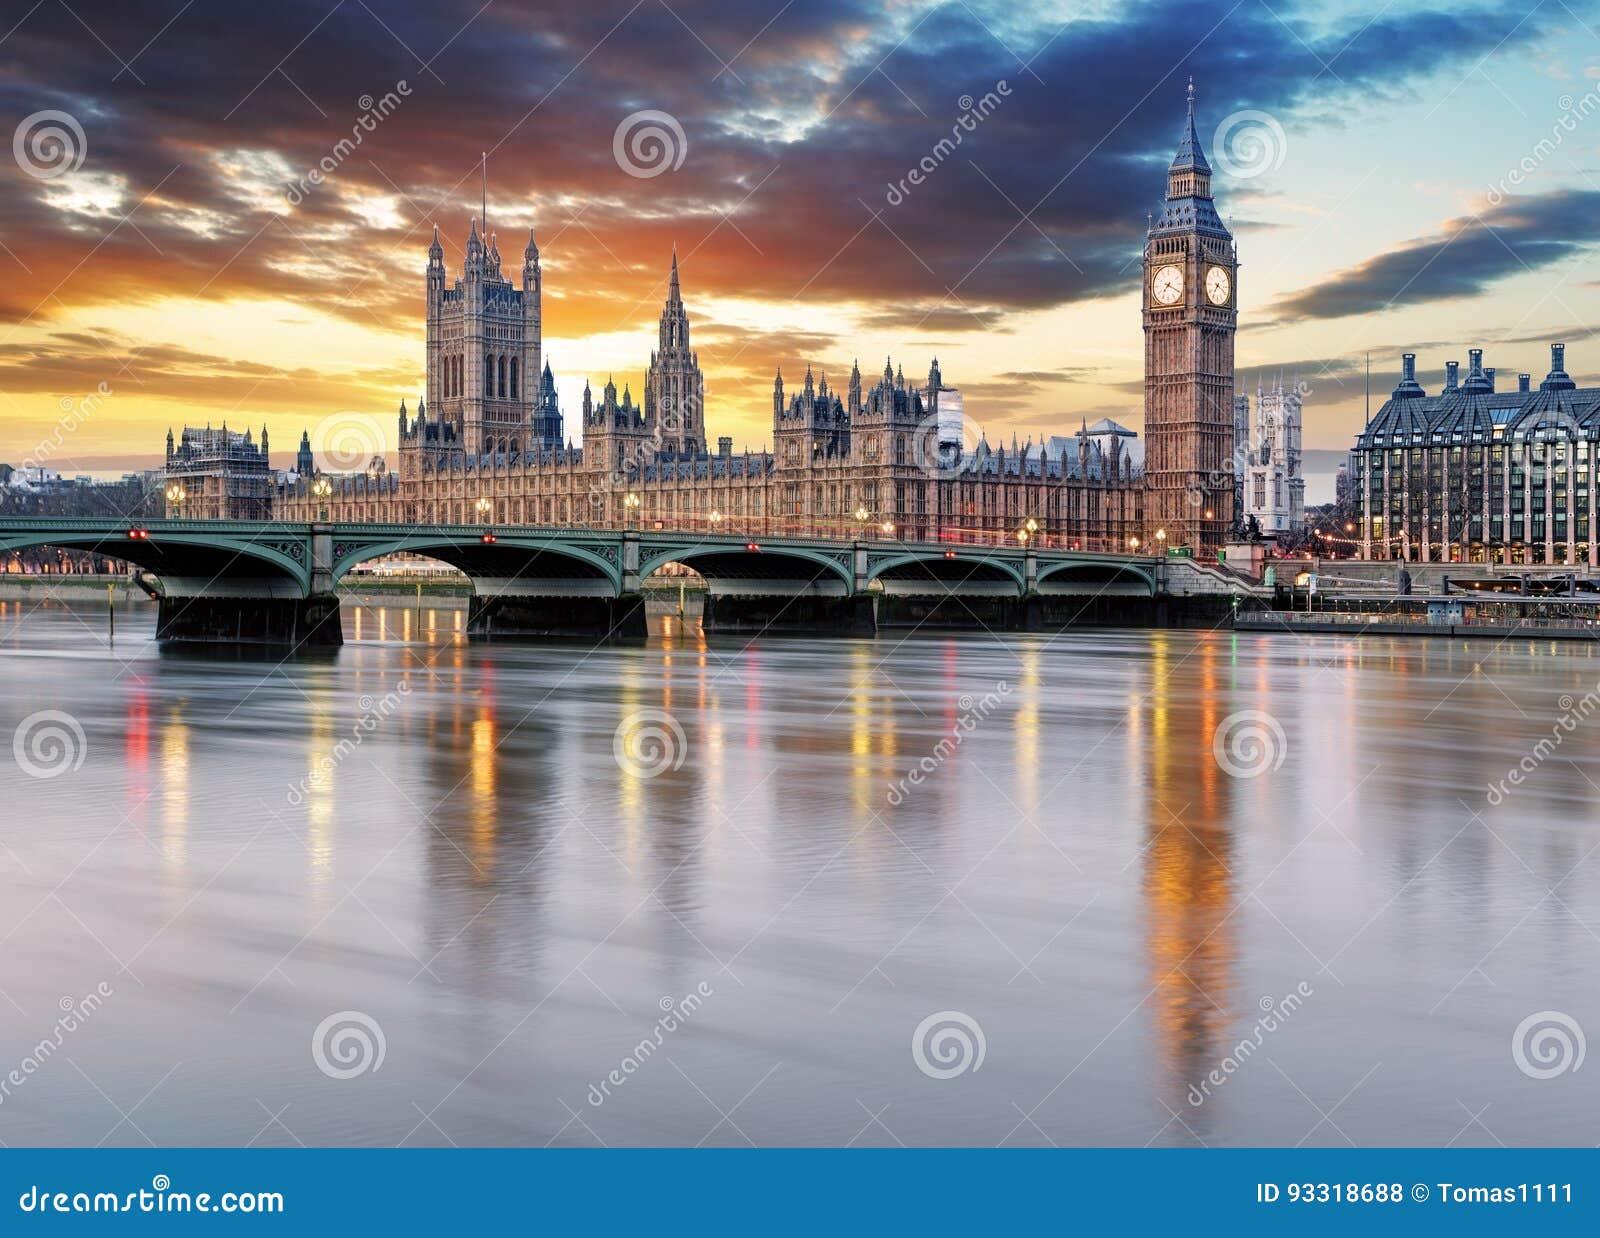 Londra - Big Ben e case del Parlamento, Regno Unito